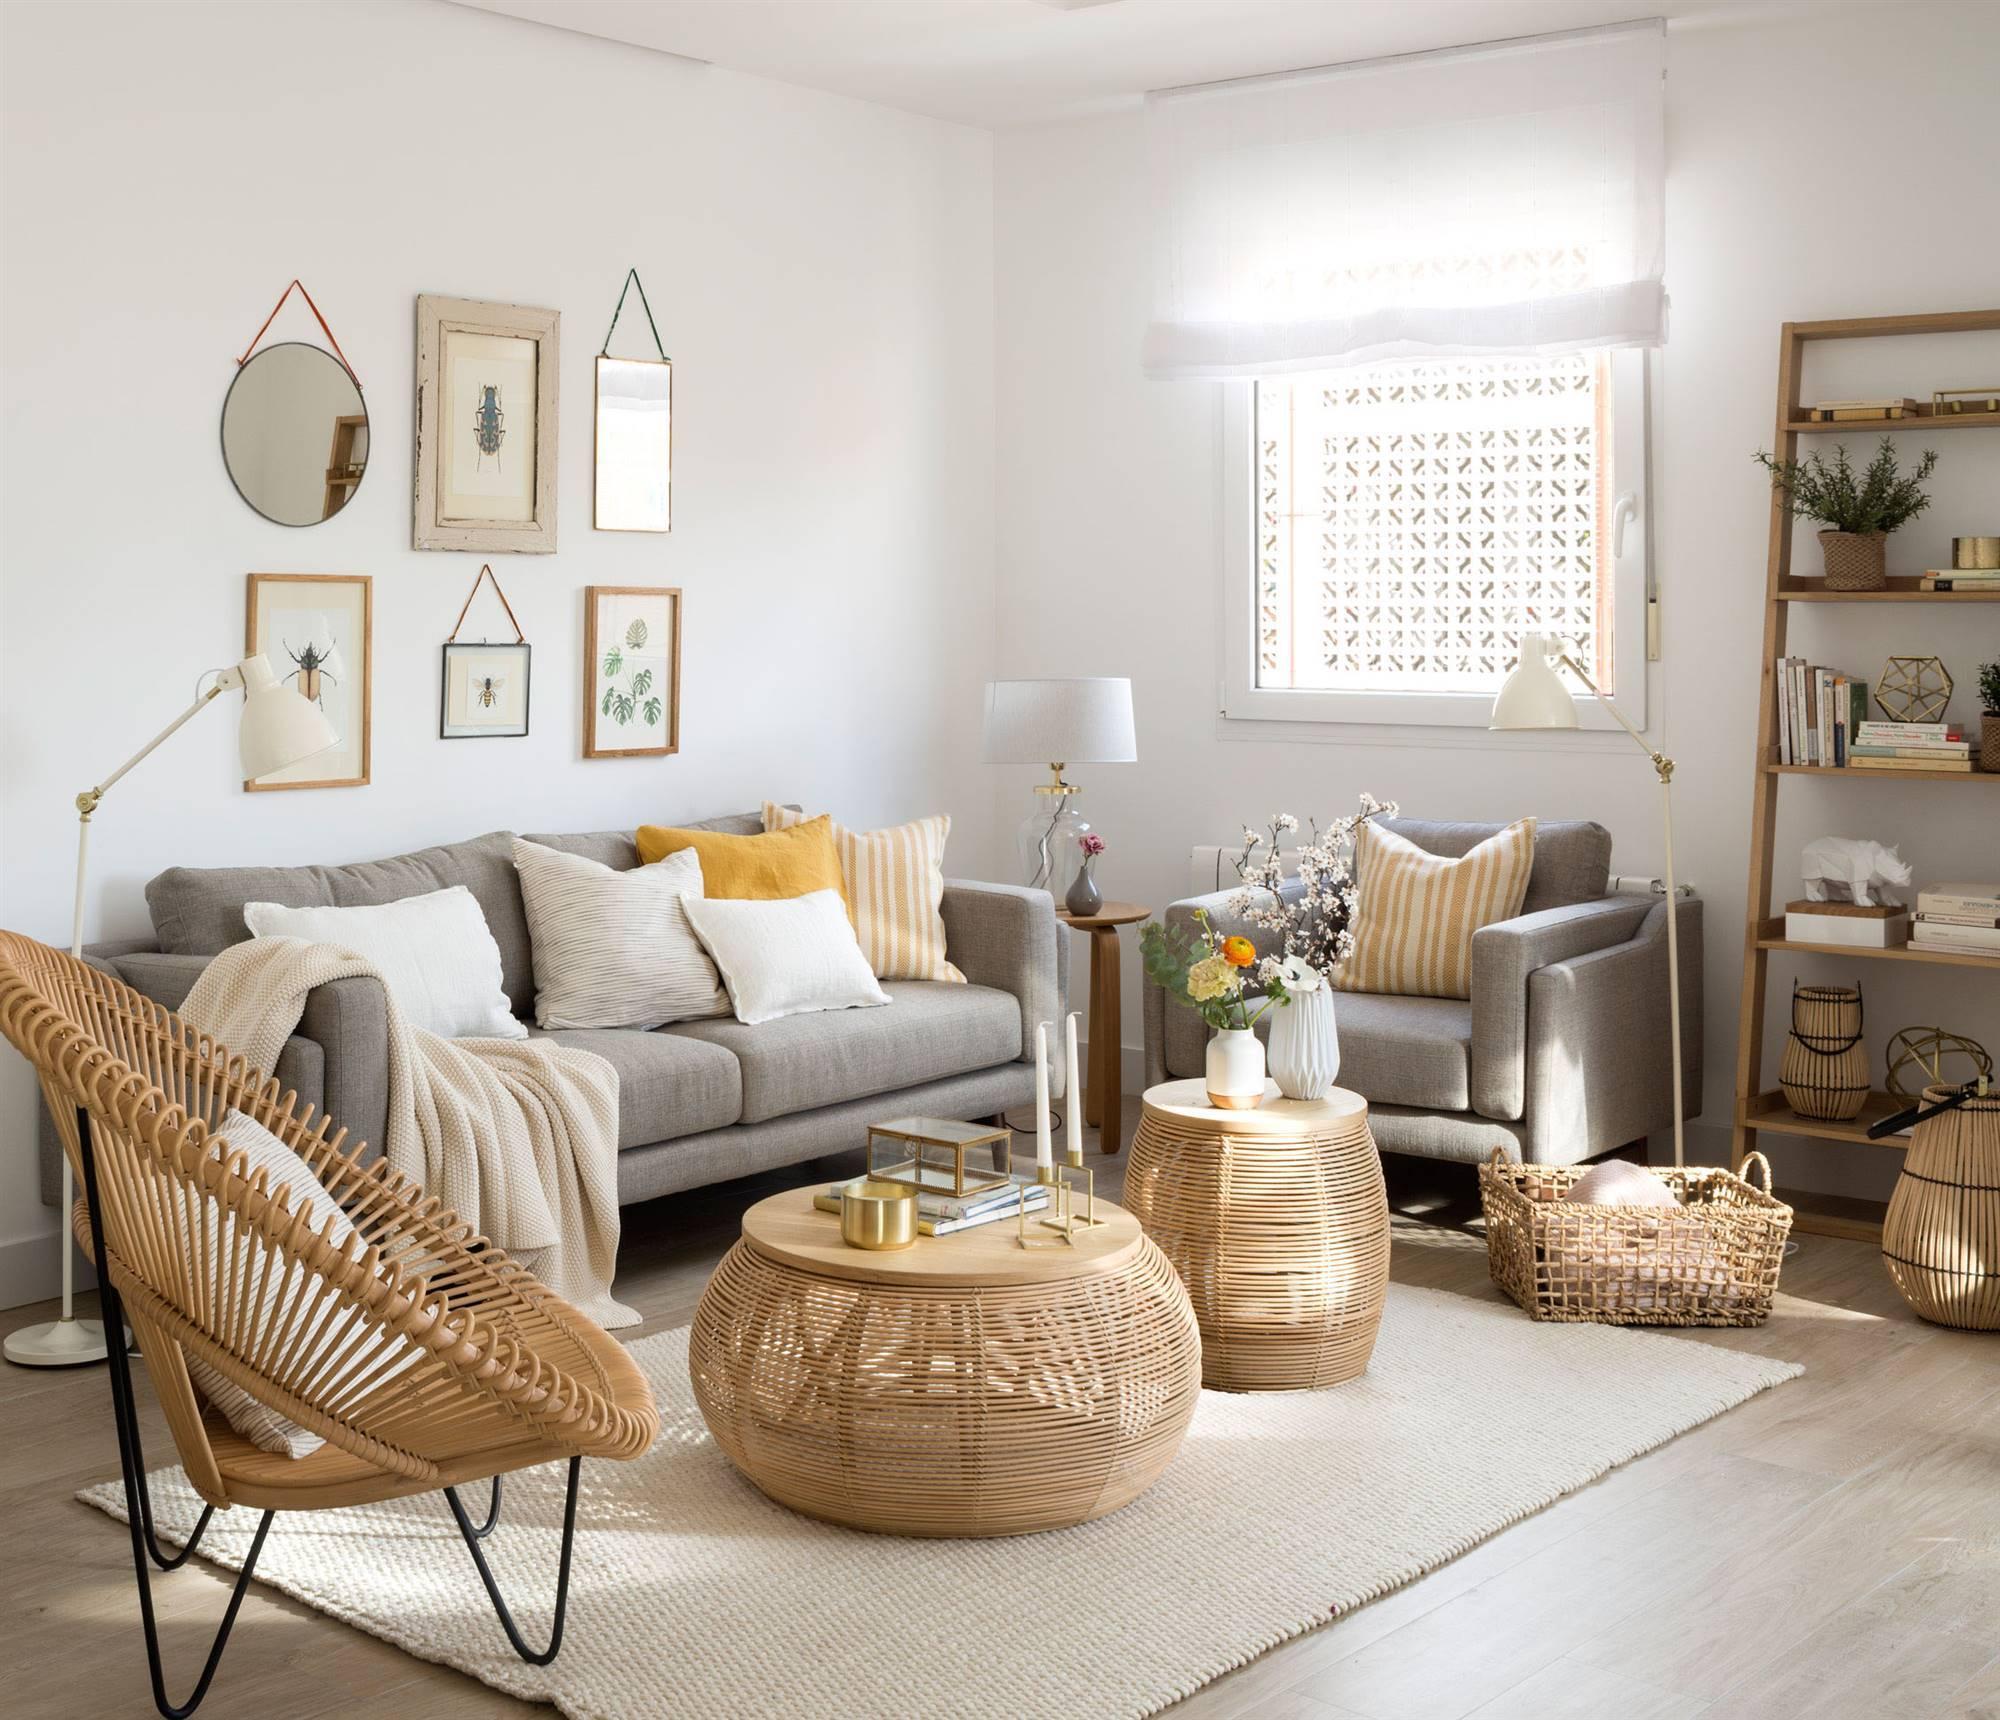 Mesas de centro ideas para decorarlas for Mesas de centro salon ikea